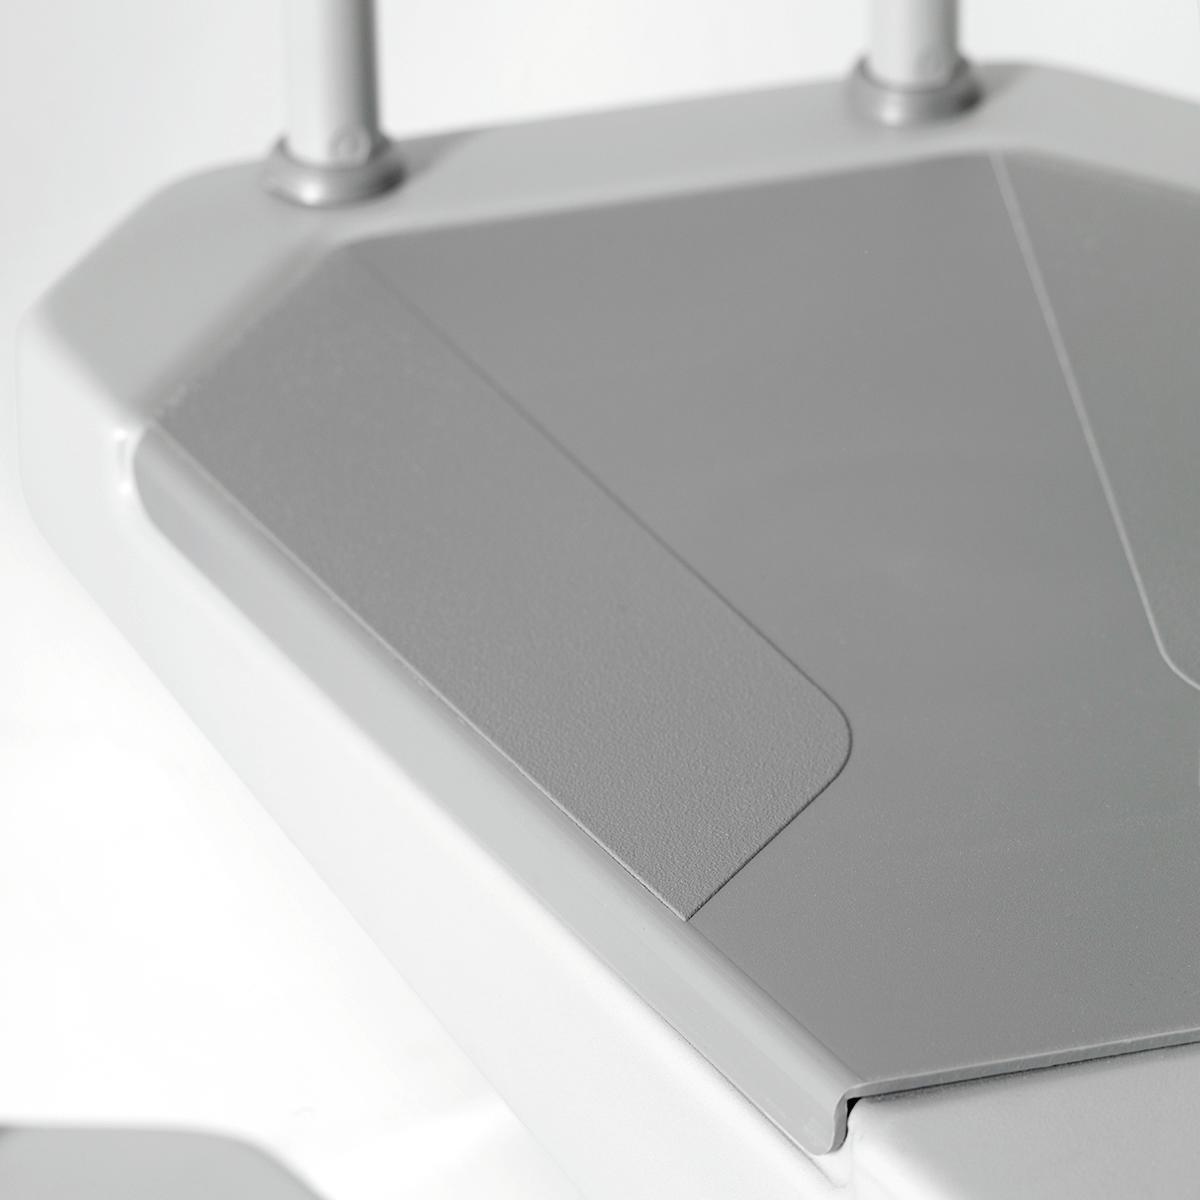 Scala a chiocciola tonda Snail FONTANOT L 120 cm, gradino grigio, struttura grigio - 3